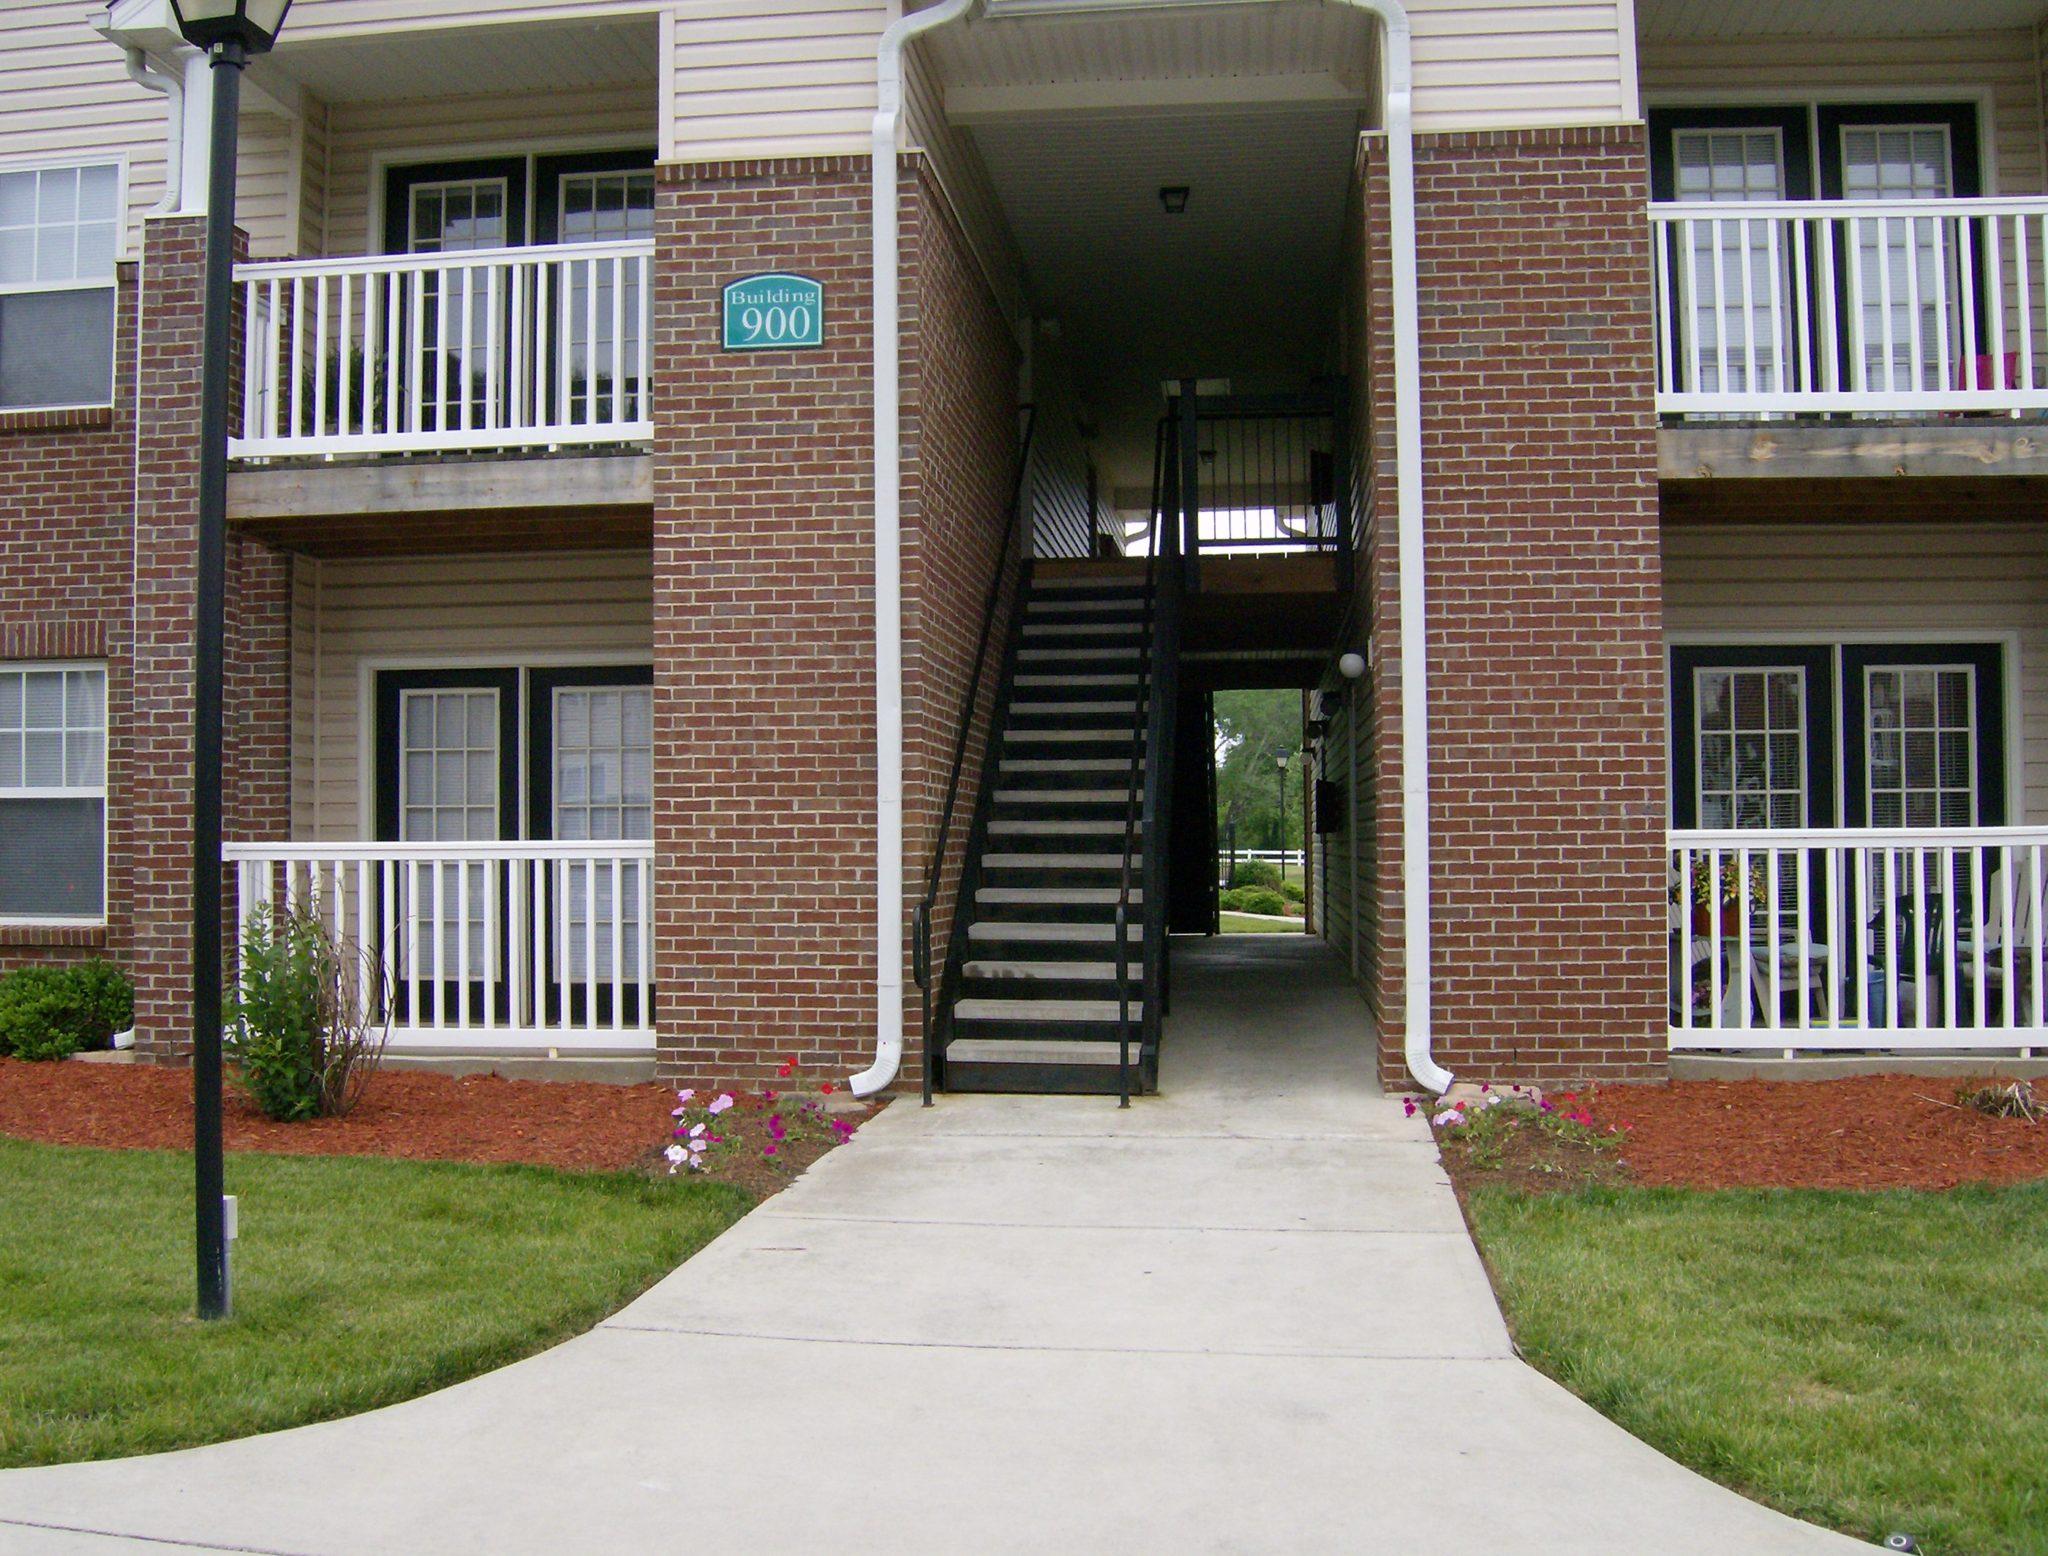 Briarwood Building 900